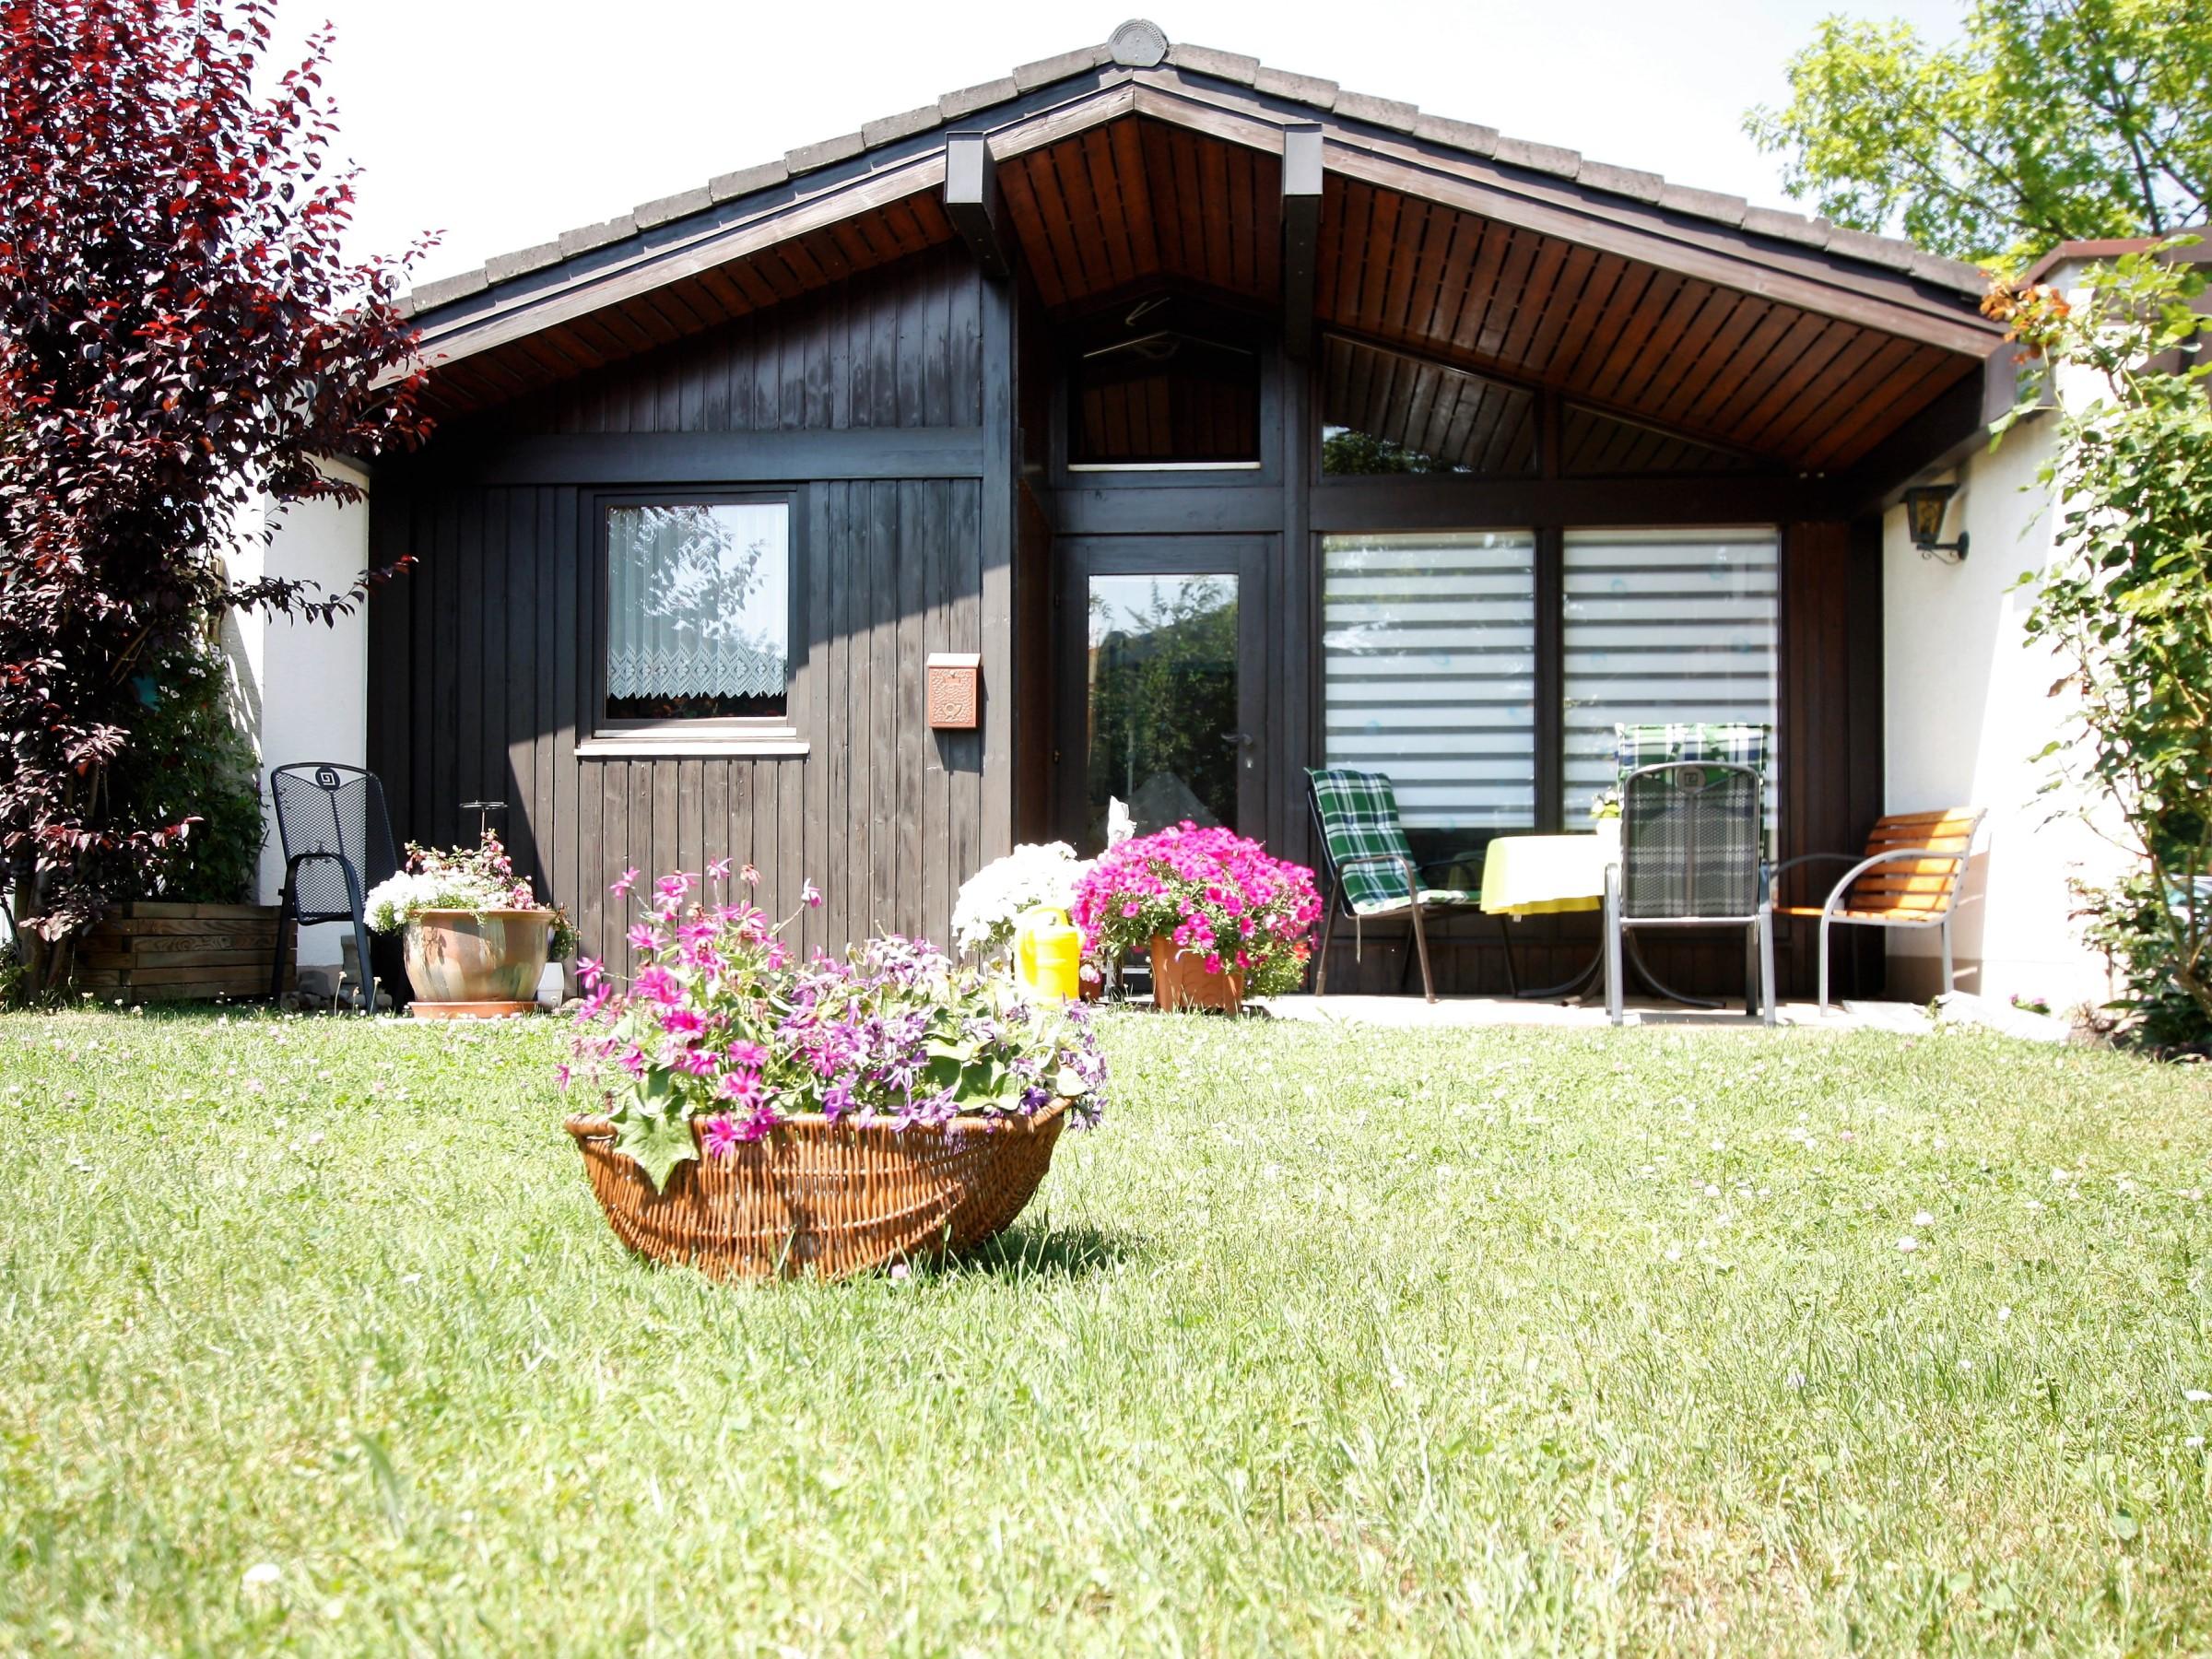 Ferienhaus Gries, (Immenstaad am Bodensee). Ferien Ferienhaus am Bodensee